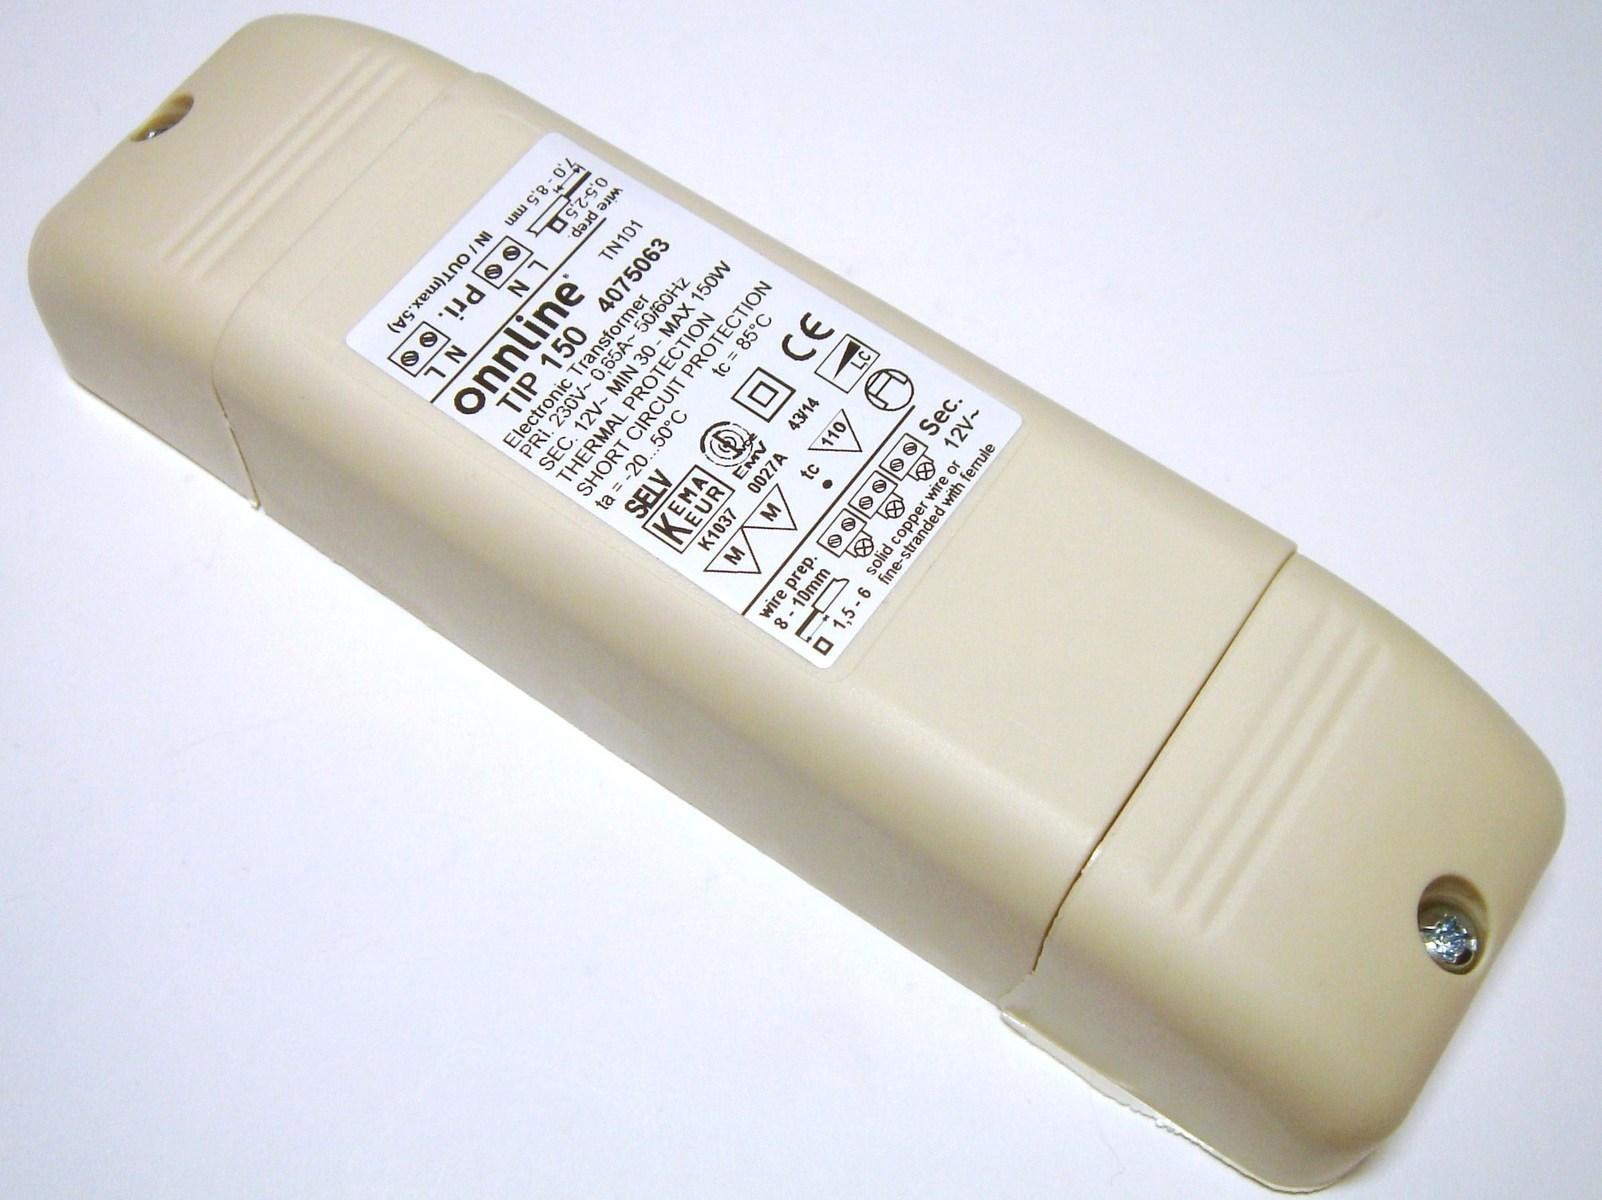 Elektrooniline trafo 12 V, 30-150 W, Onnline, TIP150, 4075063